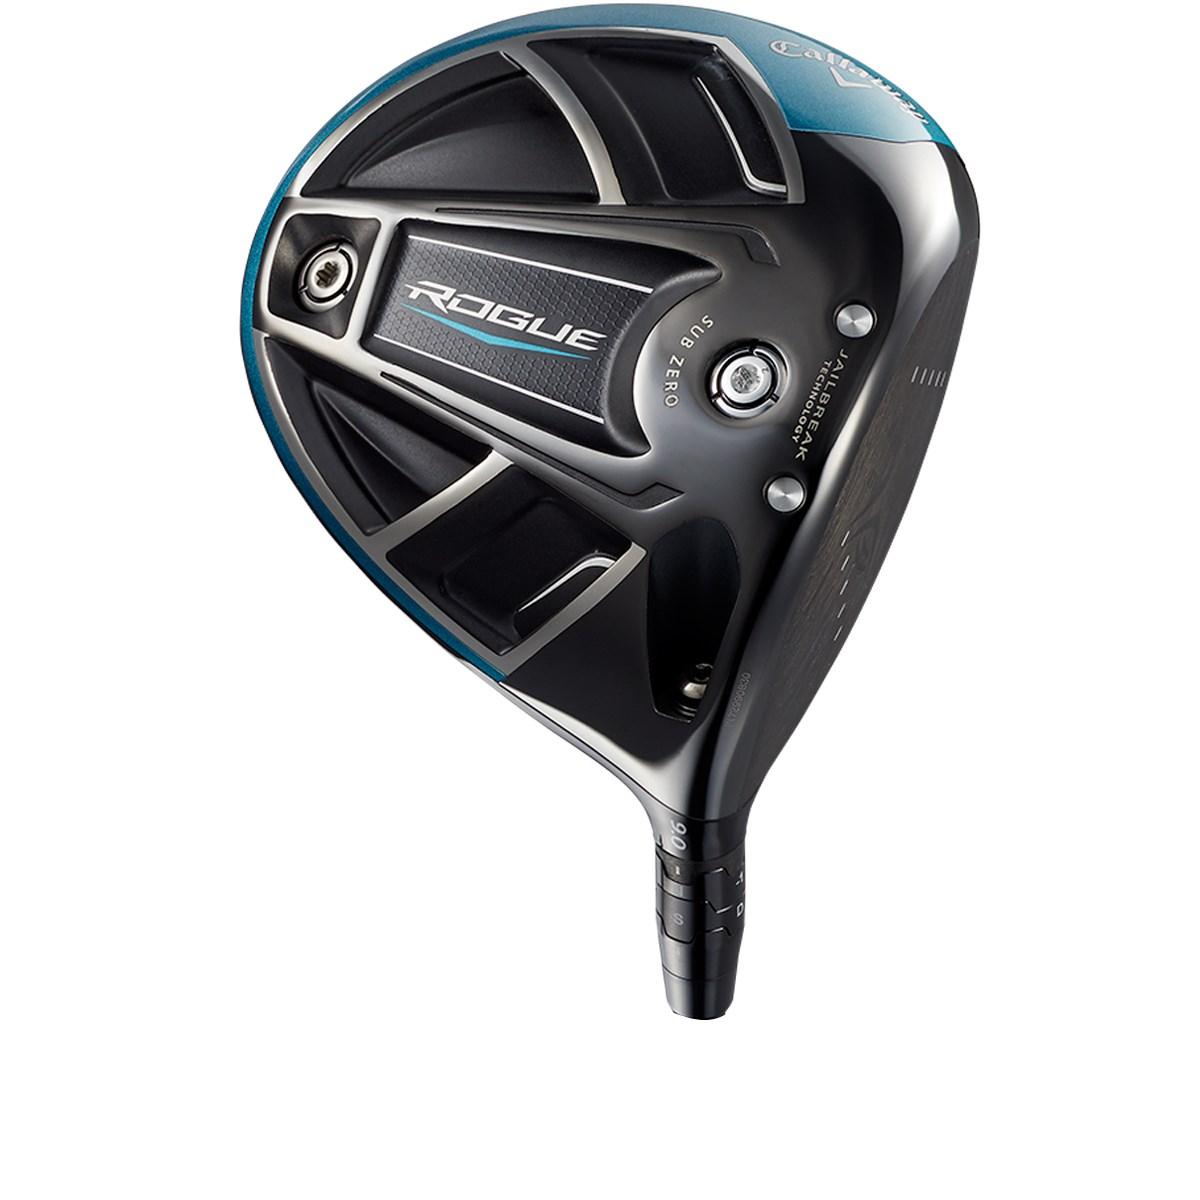 キャロウェイゴルフ(Callaway Golf) ローグ サブゼロ ドライバー Speeder Evolution for CW 50